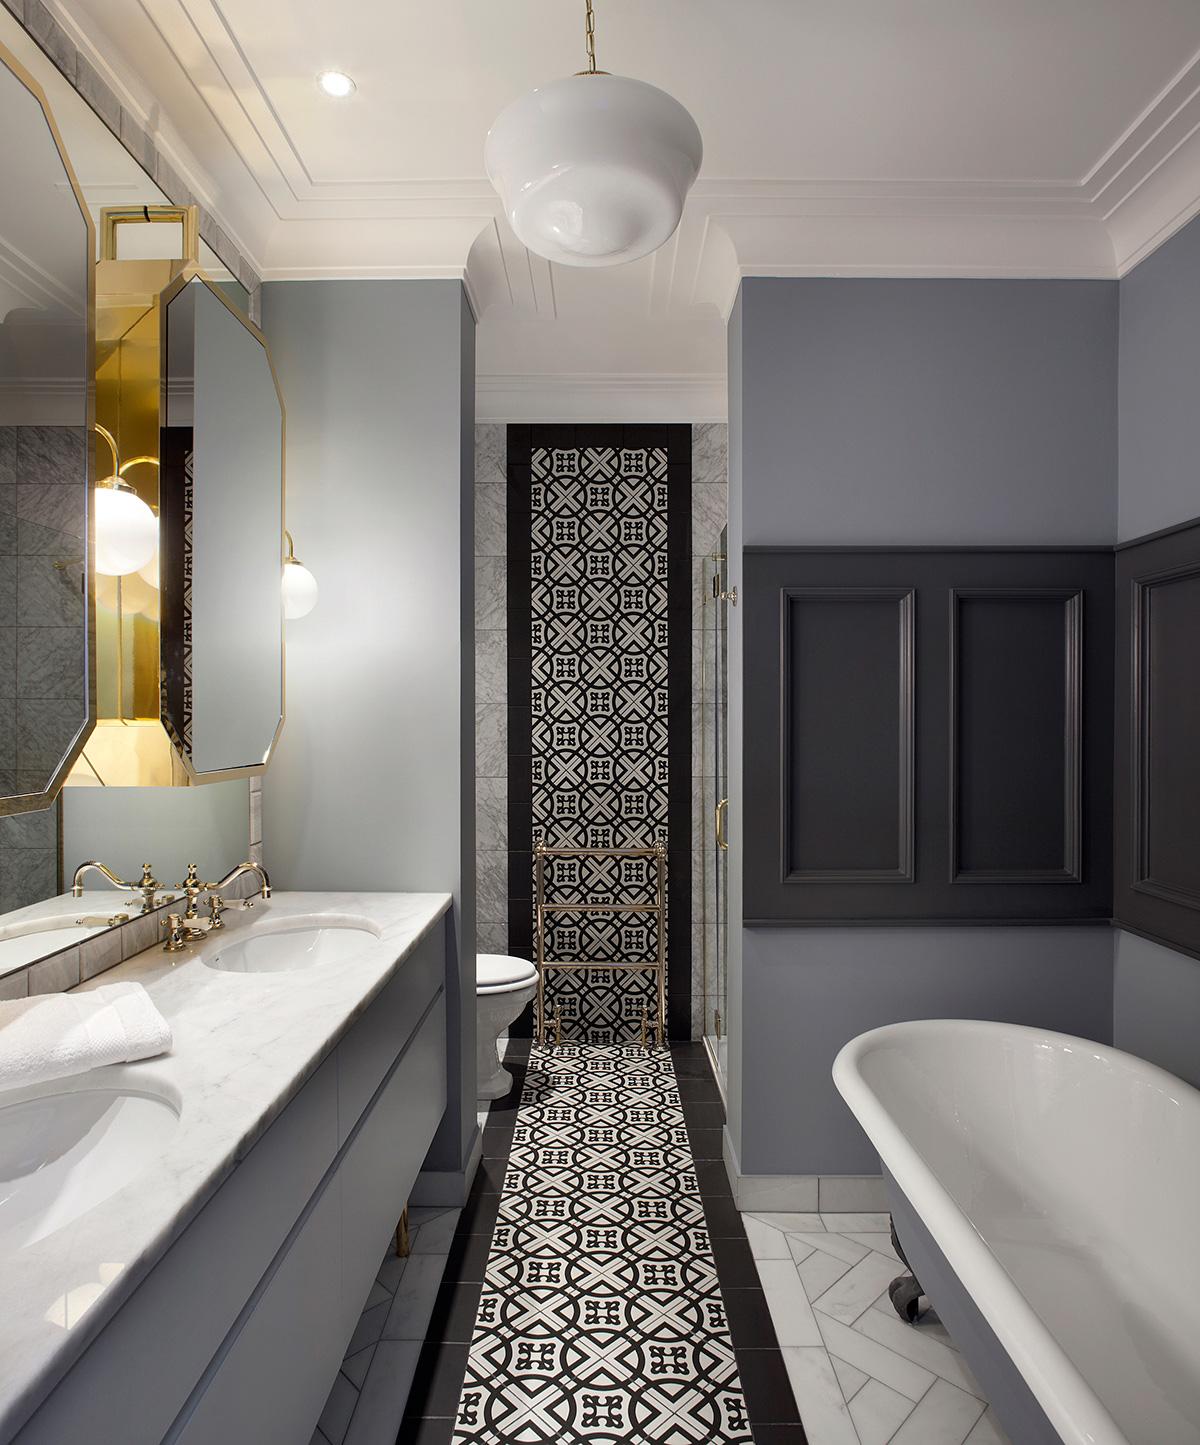 The bathroom in the Ballsbridge Residence